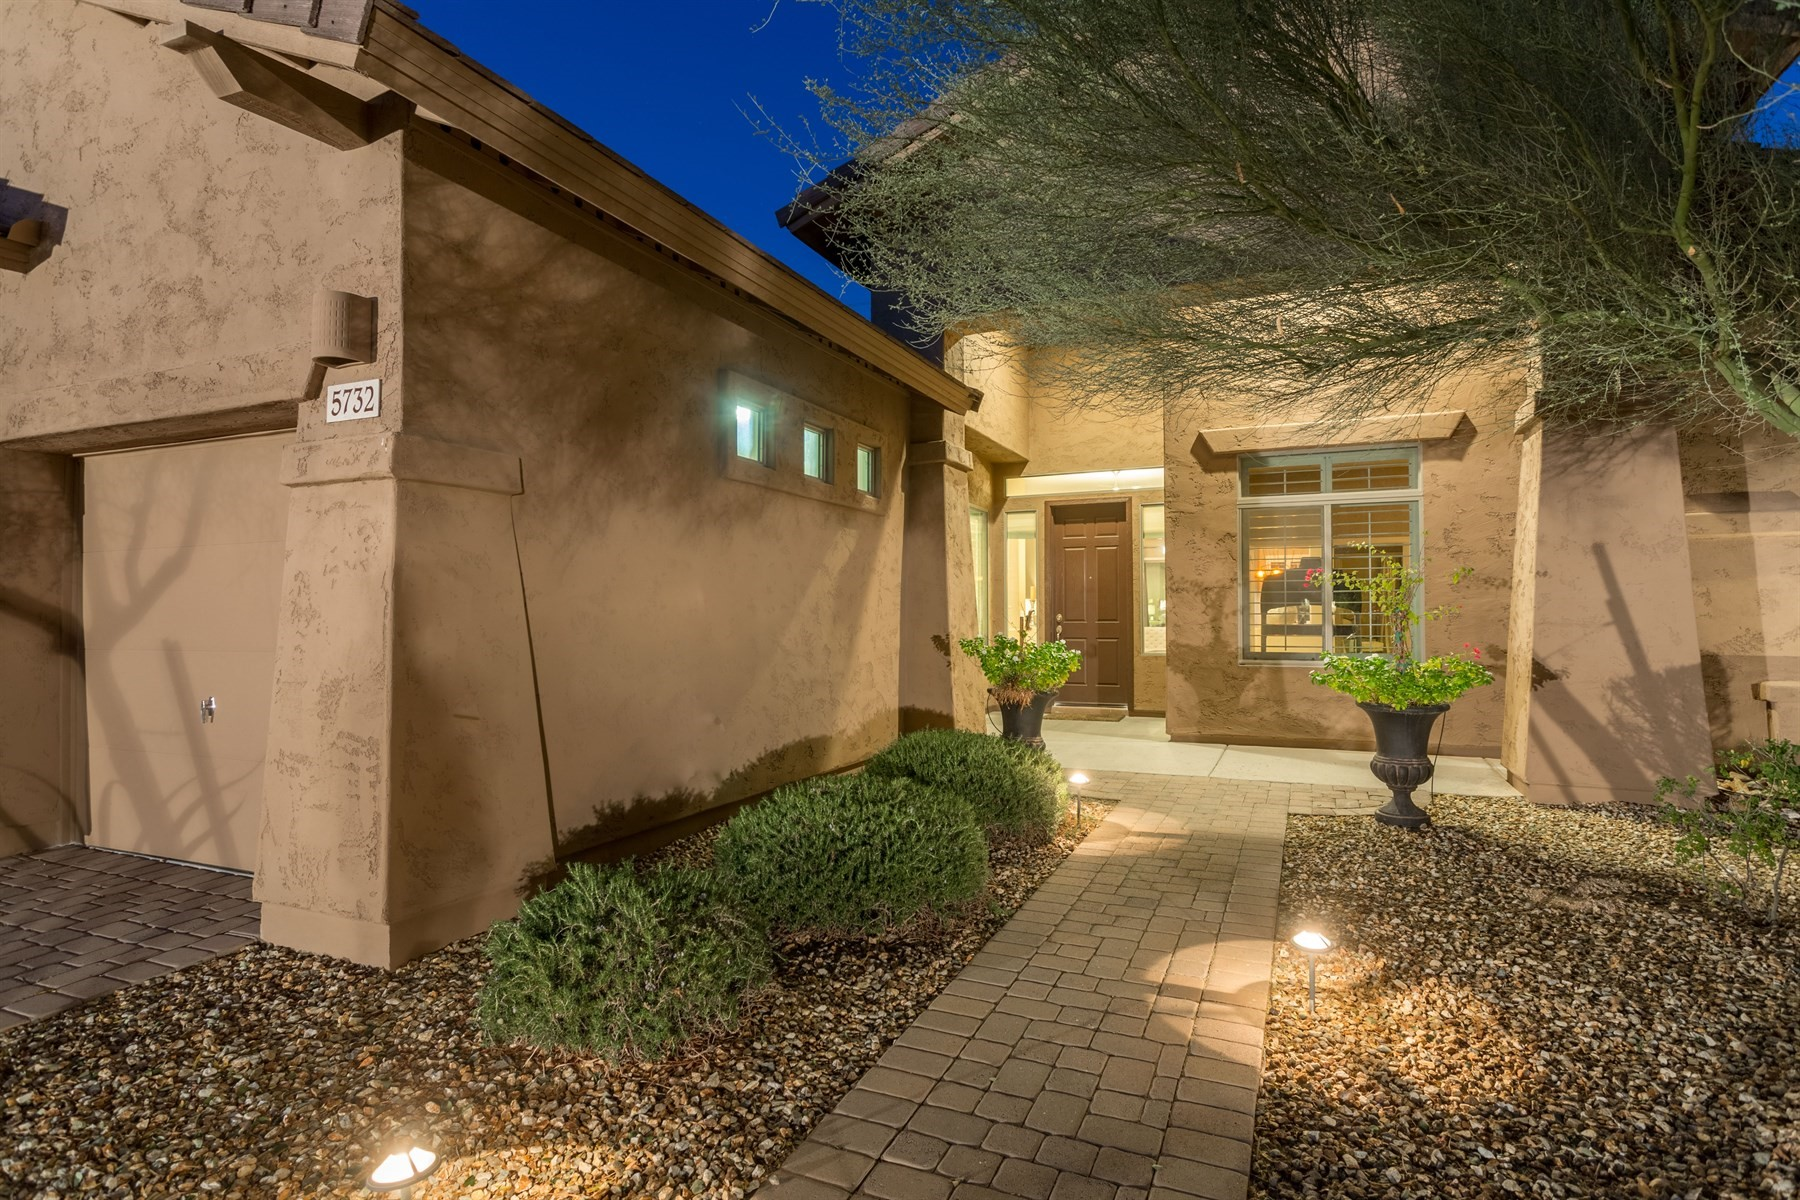 Maison unifamiliale pour l Vente à Highly desirable home in Stetson Valley 5732 W Plum Rd Phoenix, Arizona, 85083 États-Unis